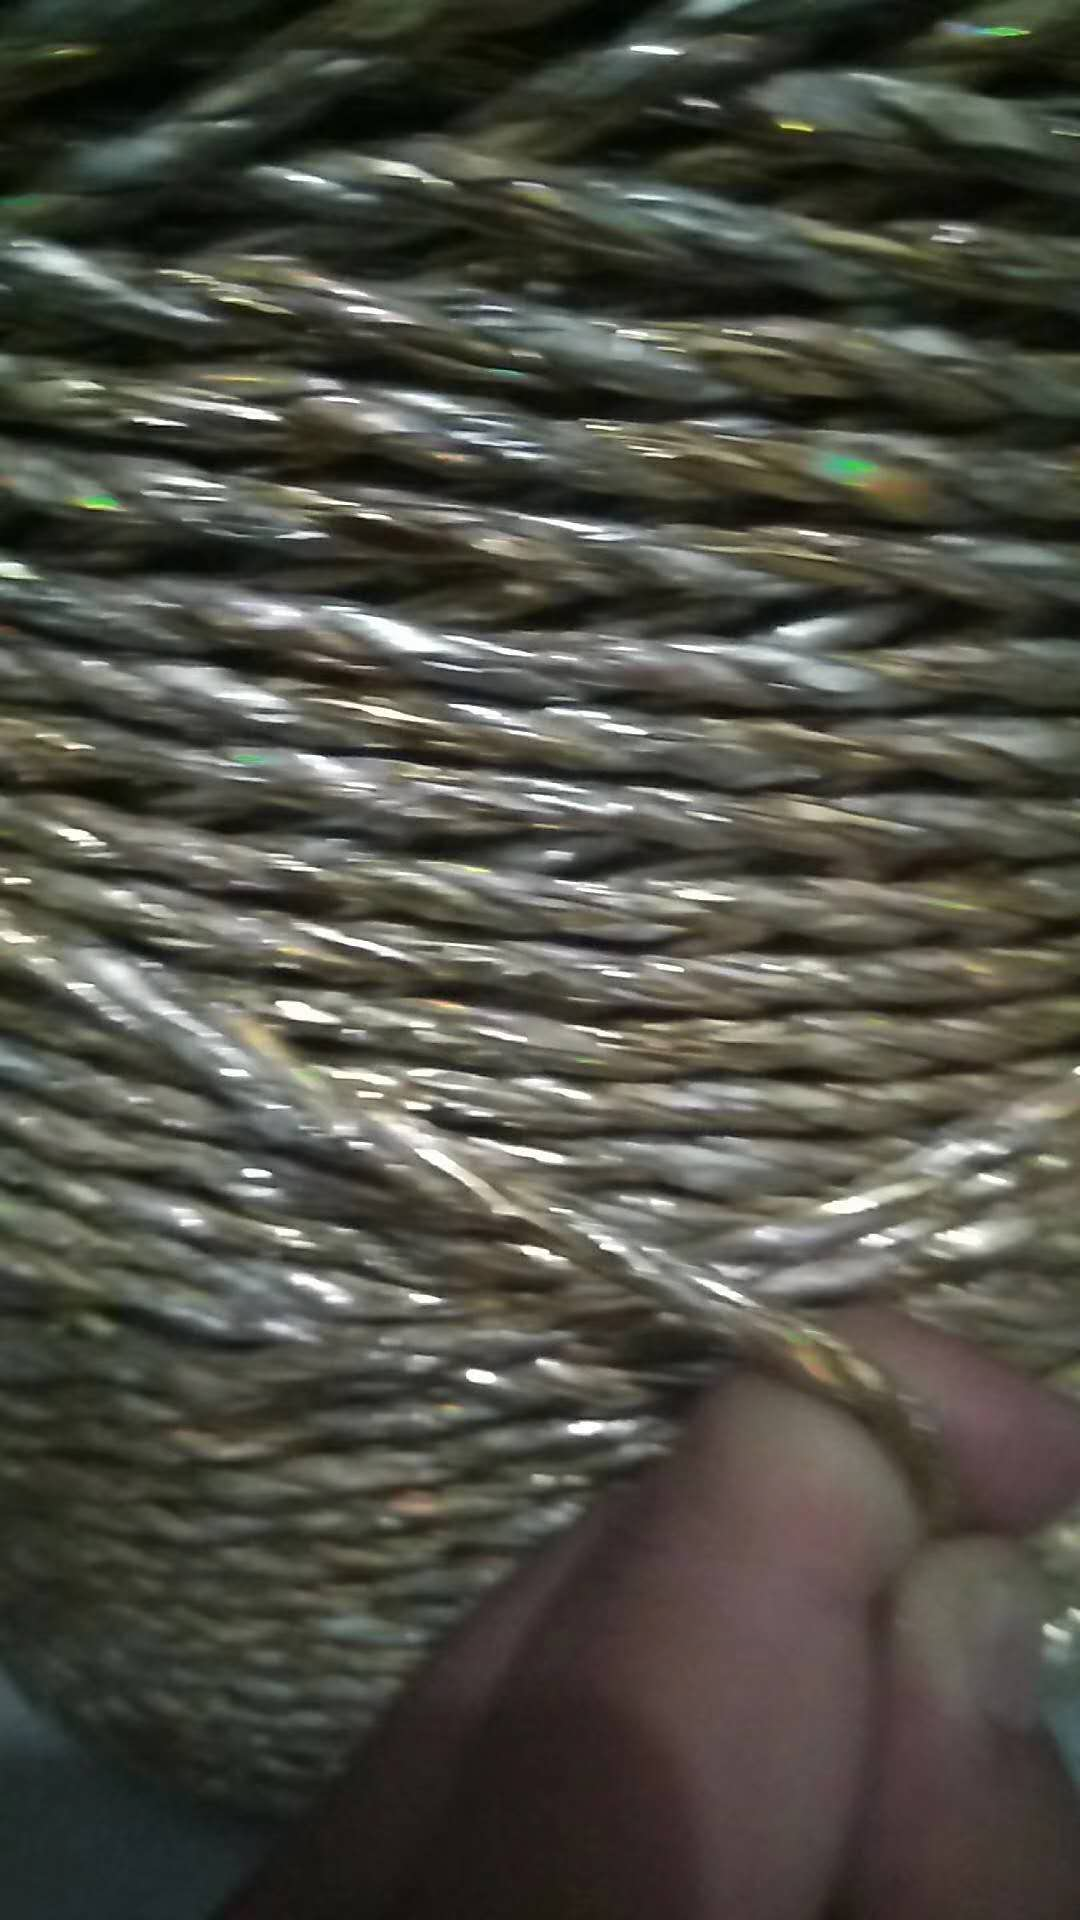 打包绳 大棚打包绳批发 大棚打包绳多少钱 大棚黄金绳多少钱 供应大棚黄金绳